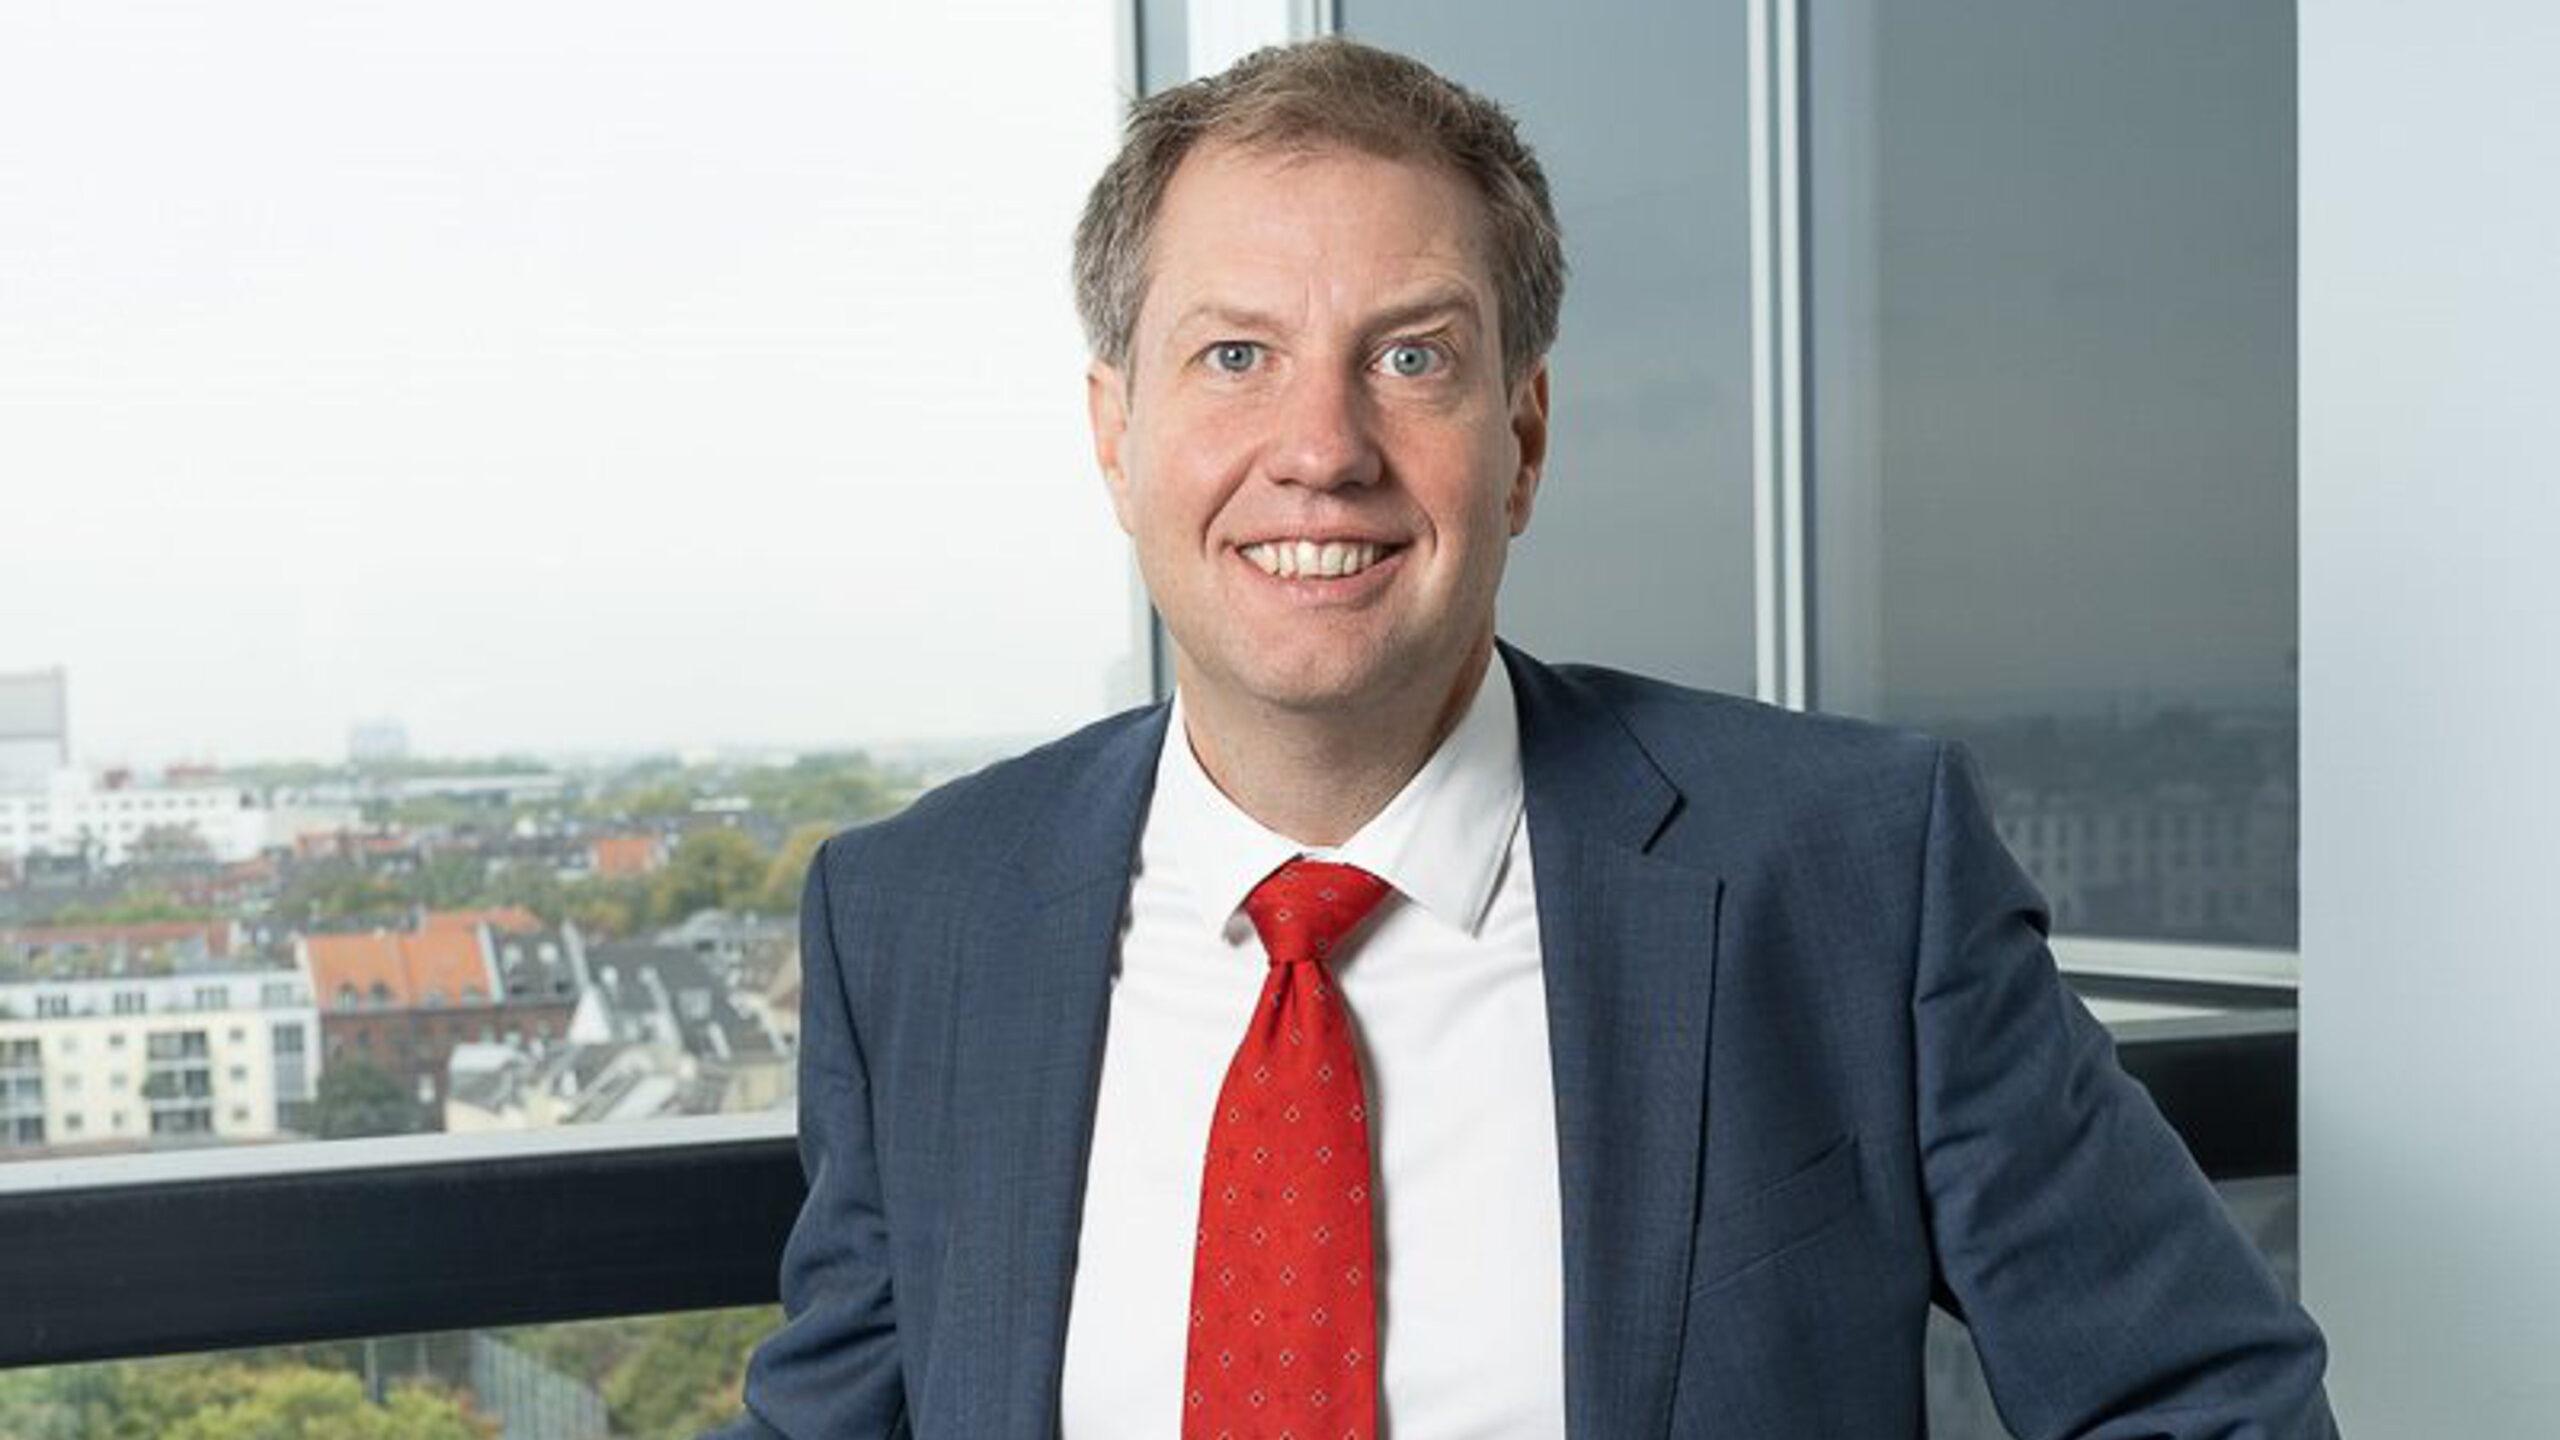 Daniel Schmedding, Vorsitzender des Bundesverbands der Geldwäschebeauftragten